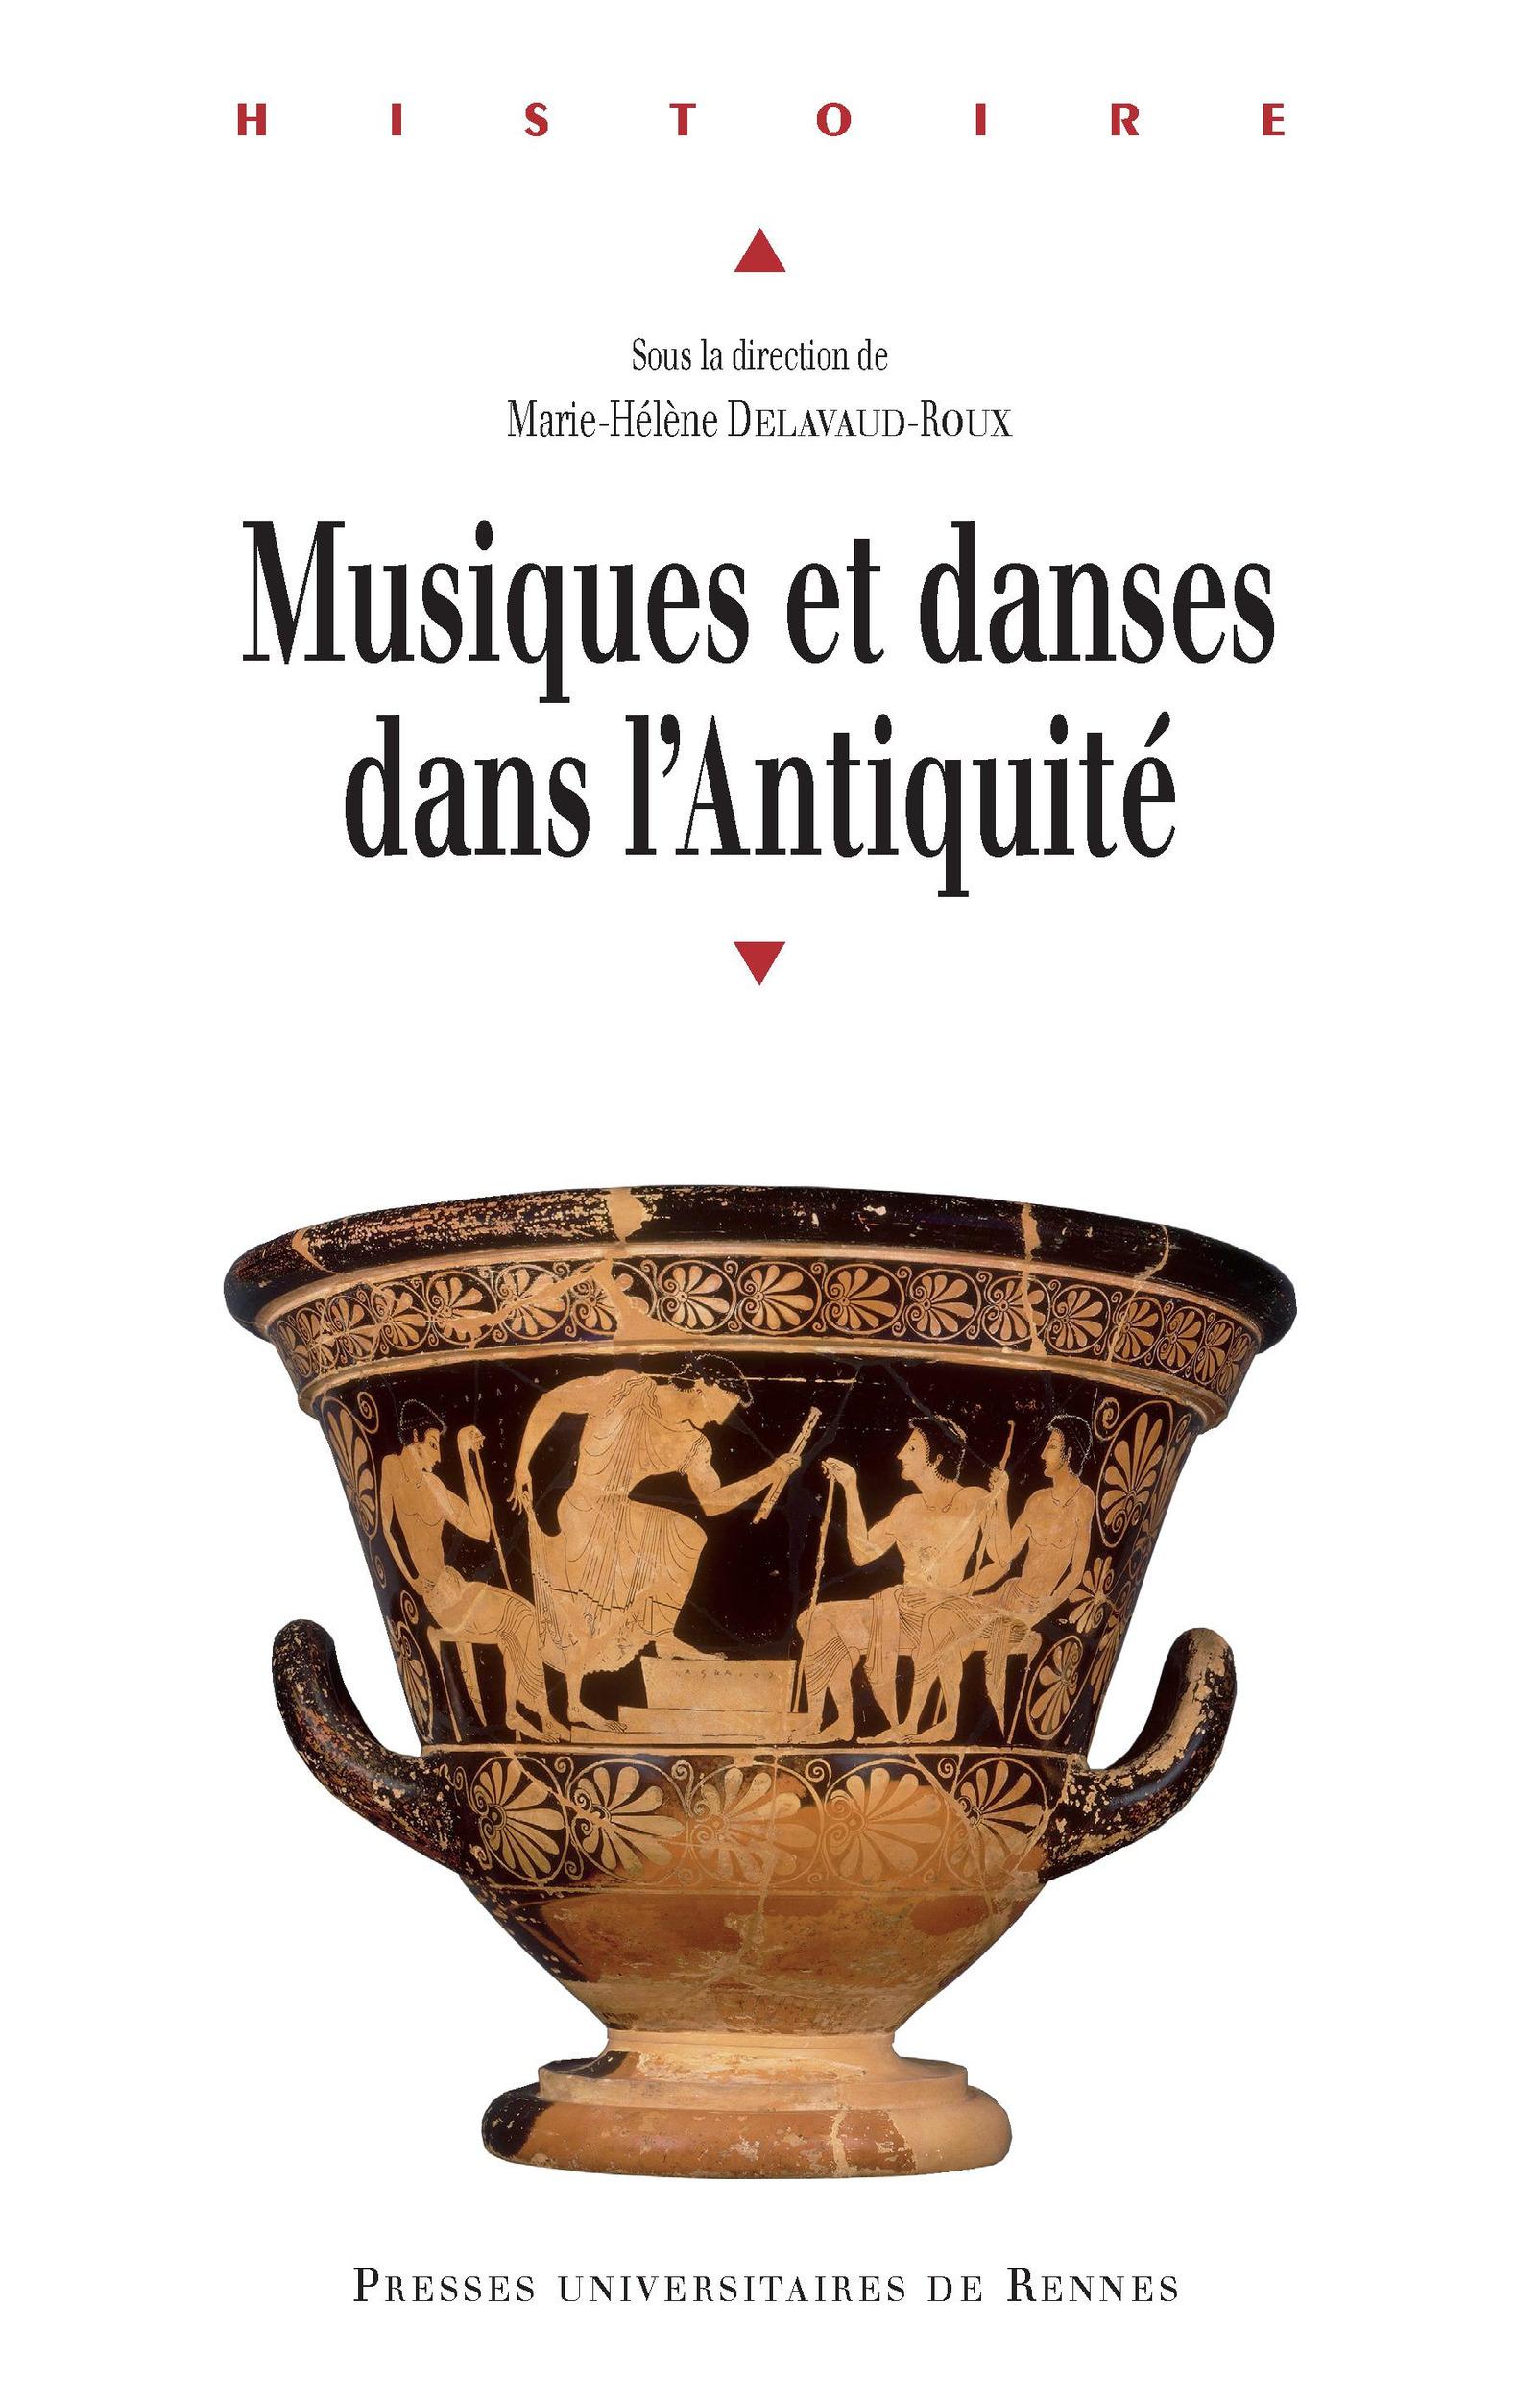 Musiques et danses dans l'antiquité